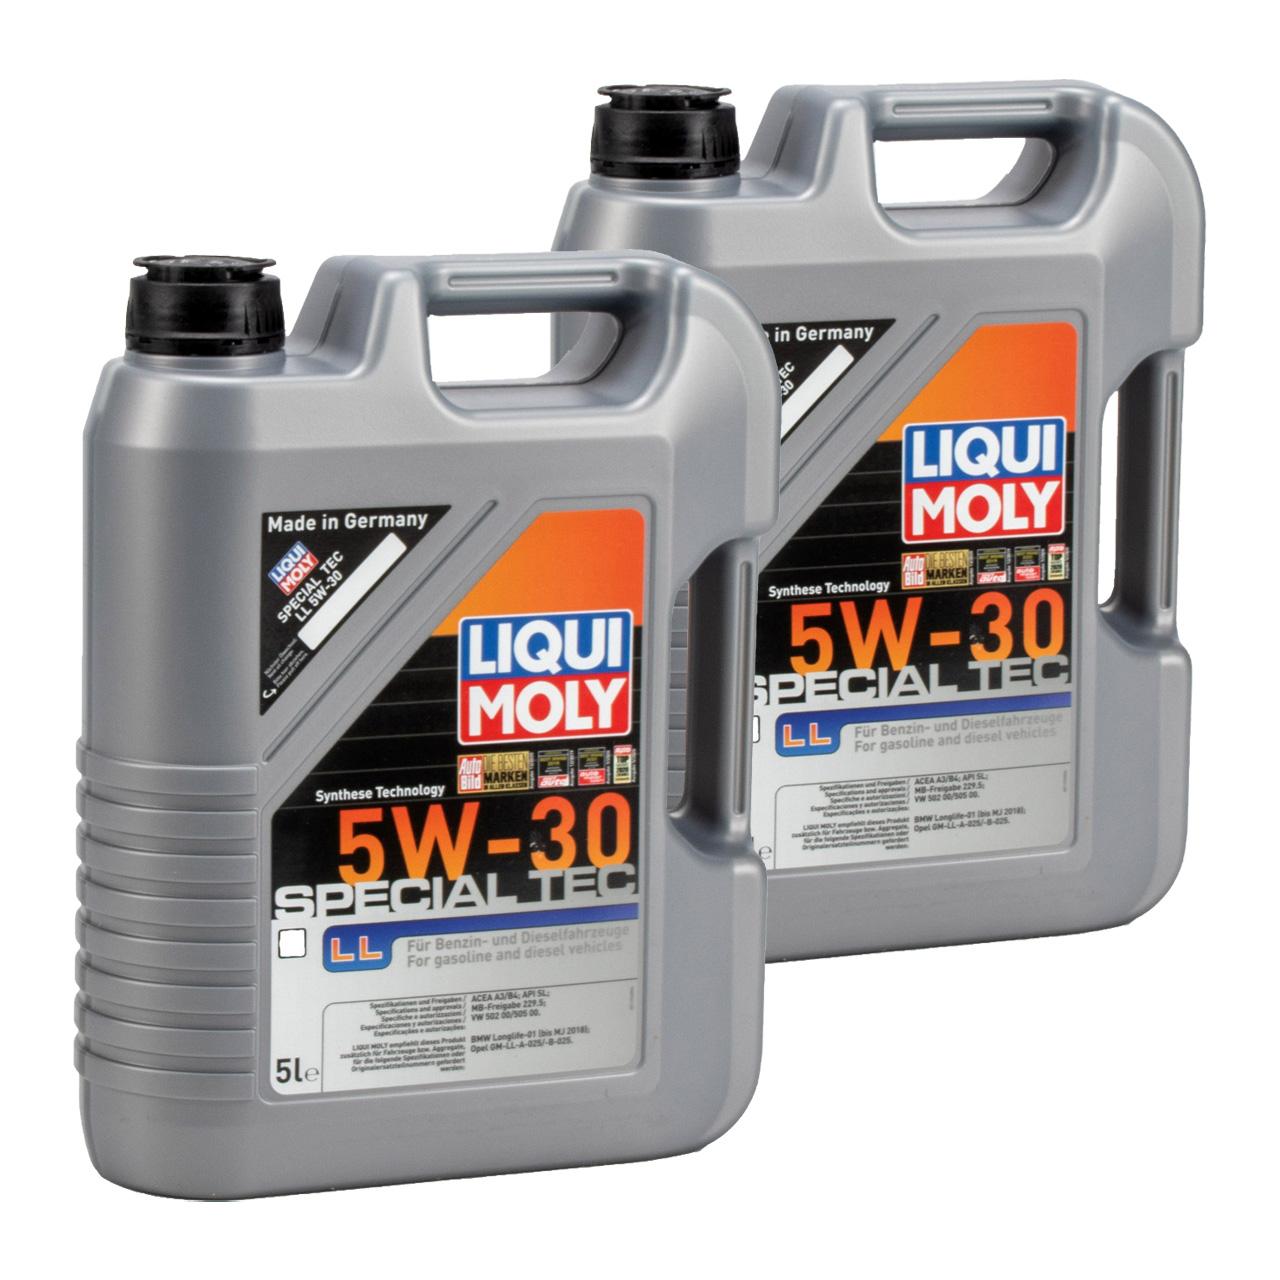 LIQUI MOLY Motoröl Öl SPECIAL TEC LL 5W30 MB 229.5 VW 502/505.00 - 10L 10 Liter